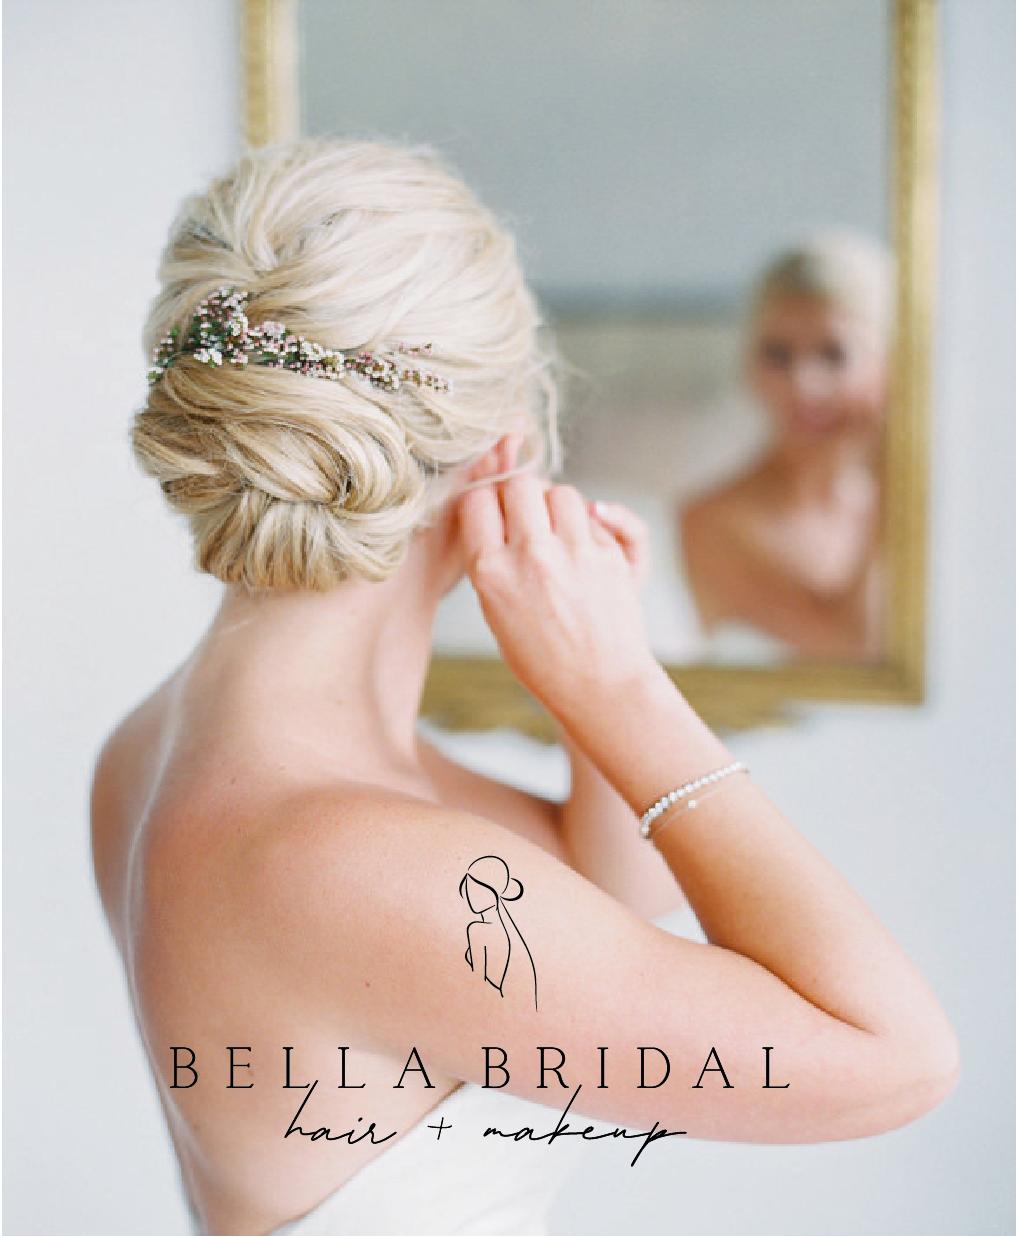 Bella Bridal.png